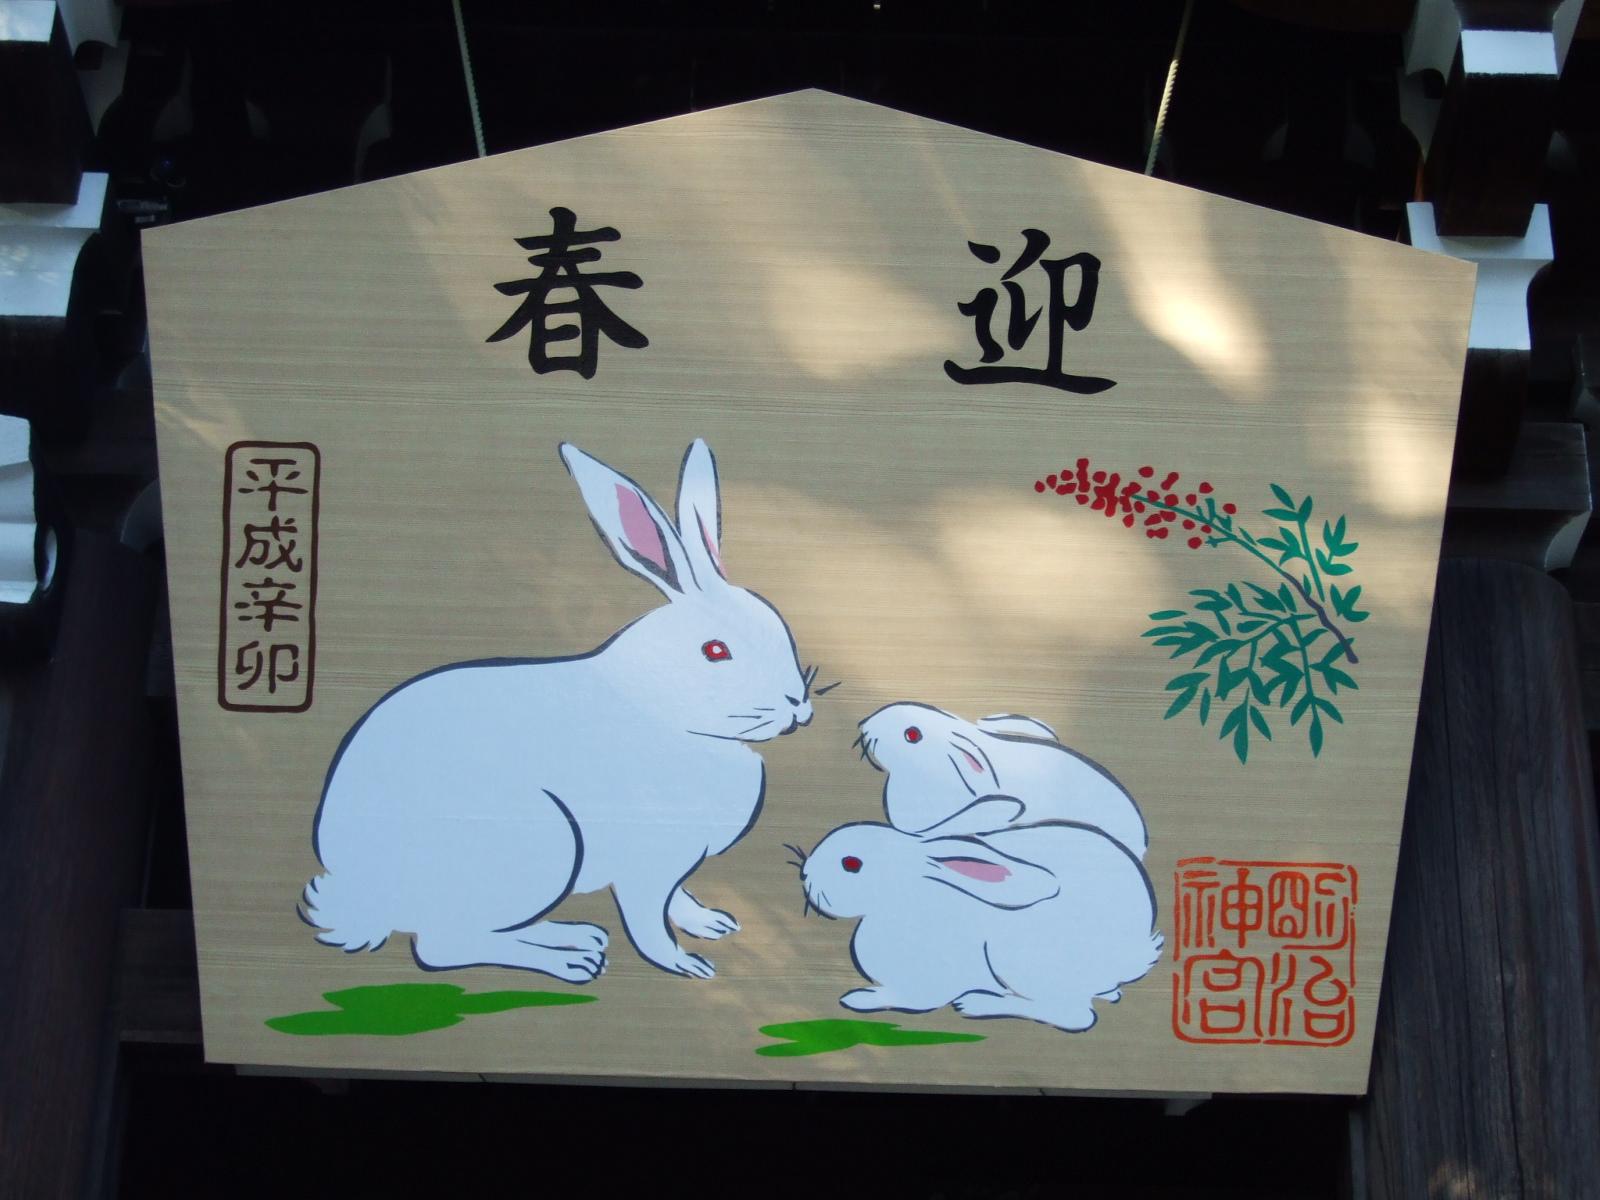 絵馬,明治神宮,原宿,神社〈著作権フリー無料画像〉Free Stock Photos